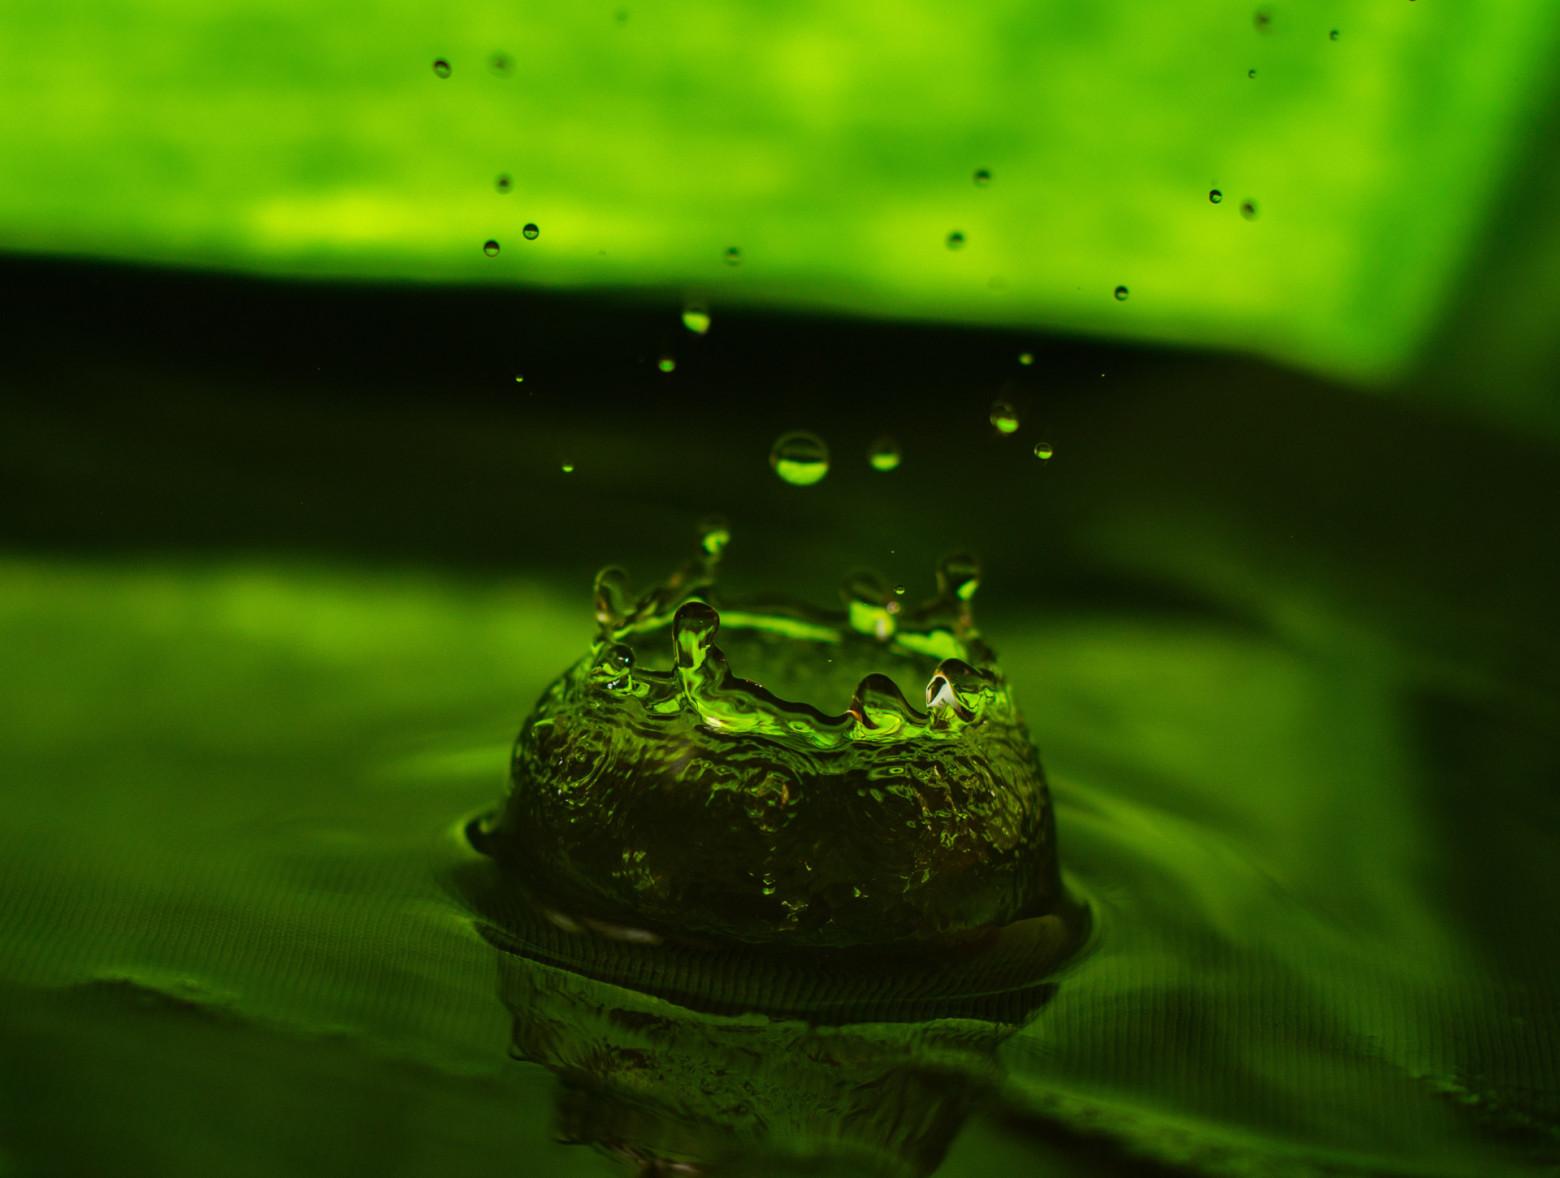 Recherche de perturbateurs endocriniens et d'autres substances d'intérêt récent dans les eaux en vue de la protection de la santé publique et de l'environnement